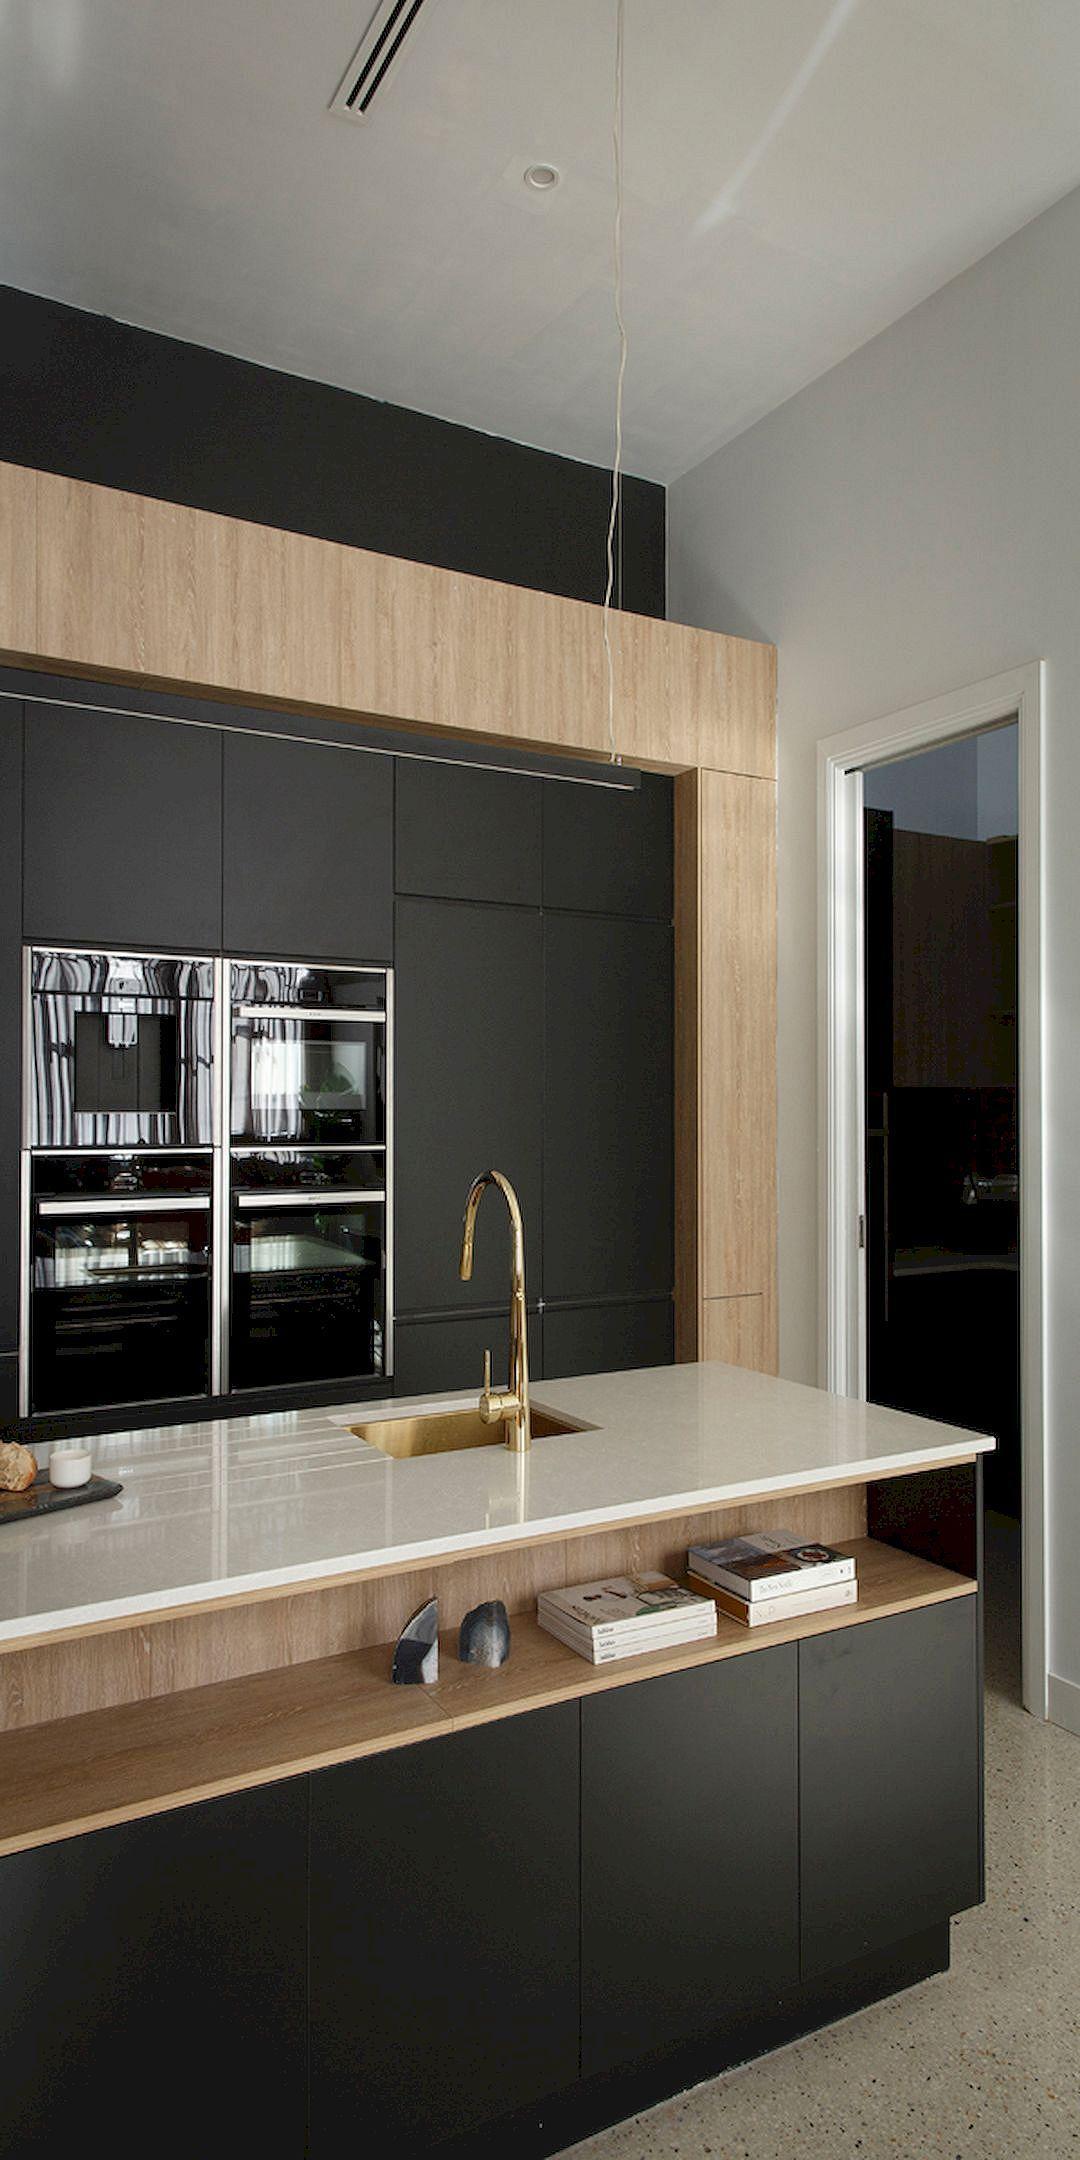 12 Nice Ideas for Your Modern Kitchen Design | Pinterest | Küche ...